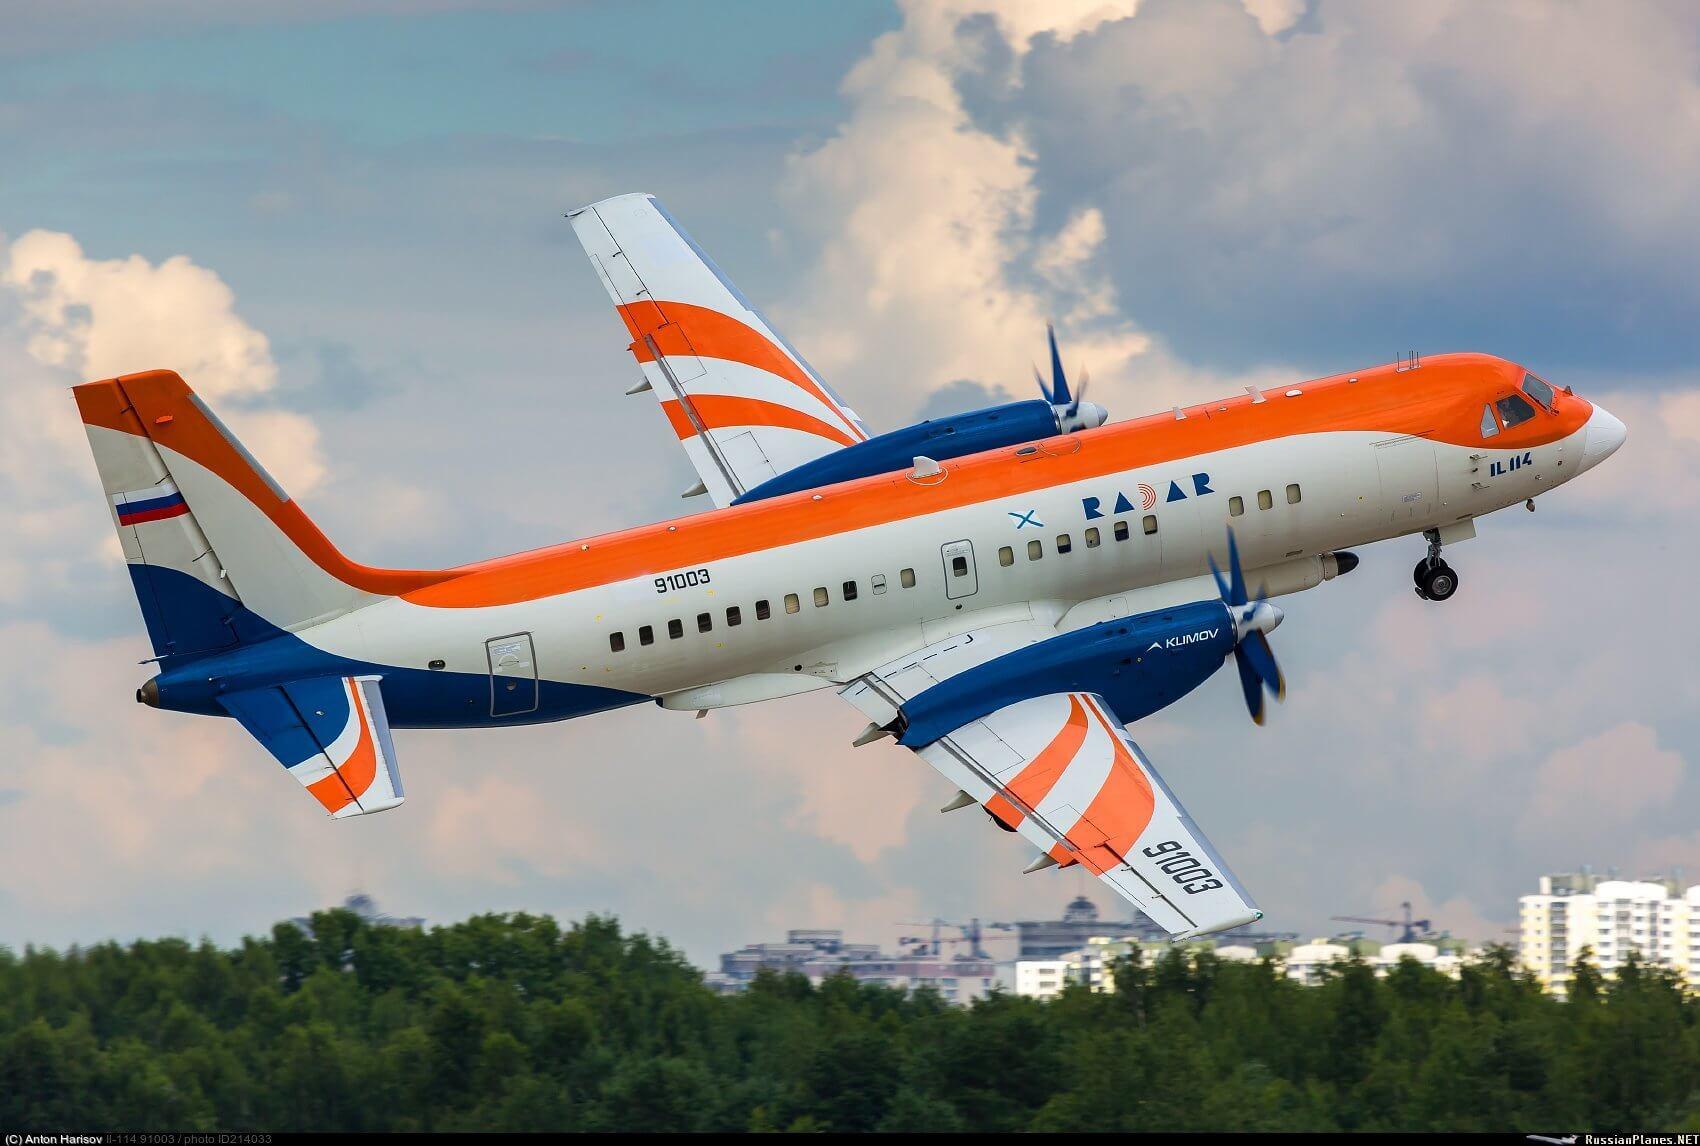 Предновогодняя сказка: «Ангара», МС-21, теперь Ил-114-300